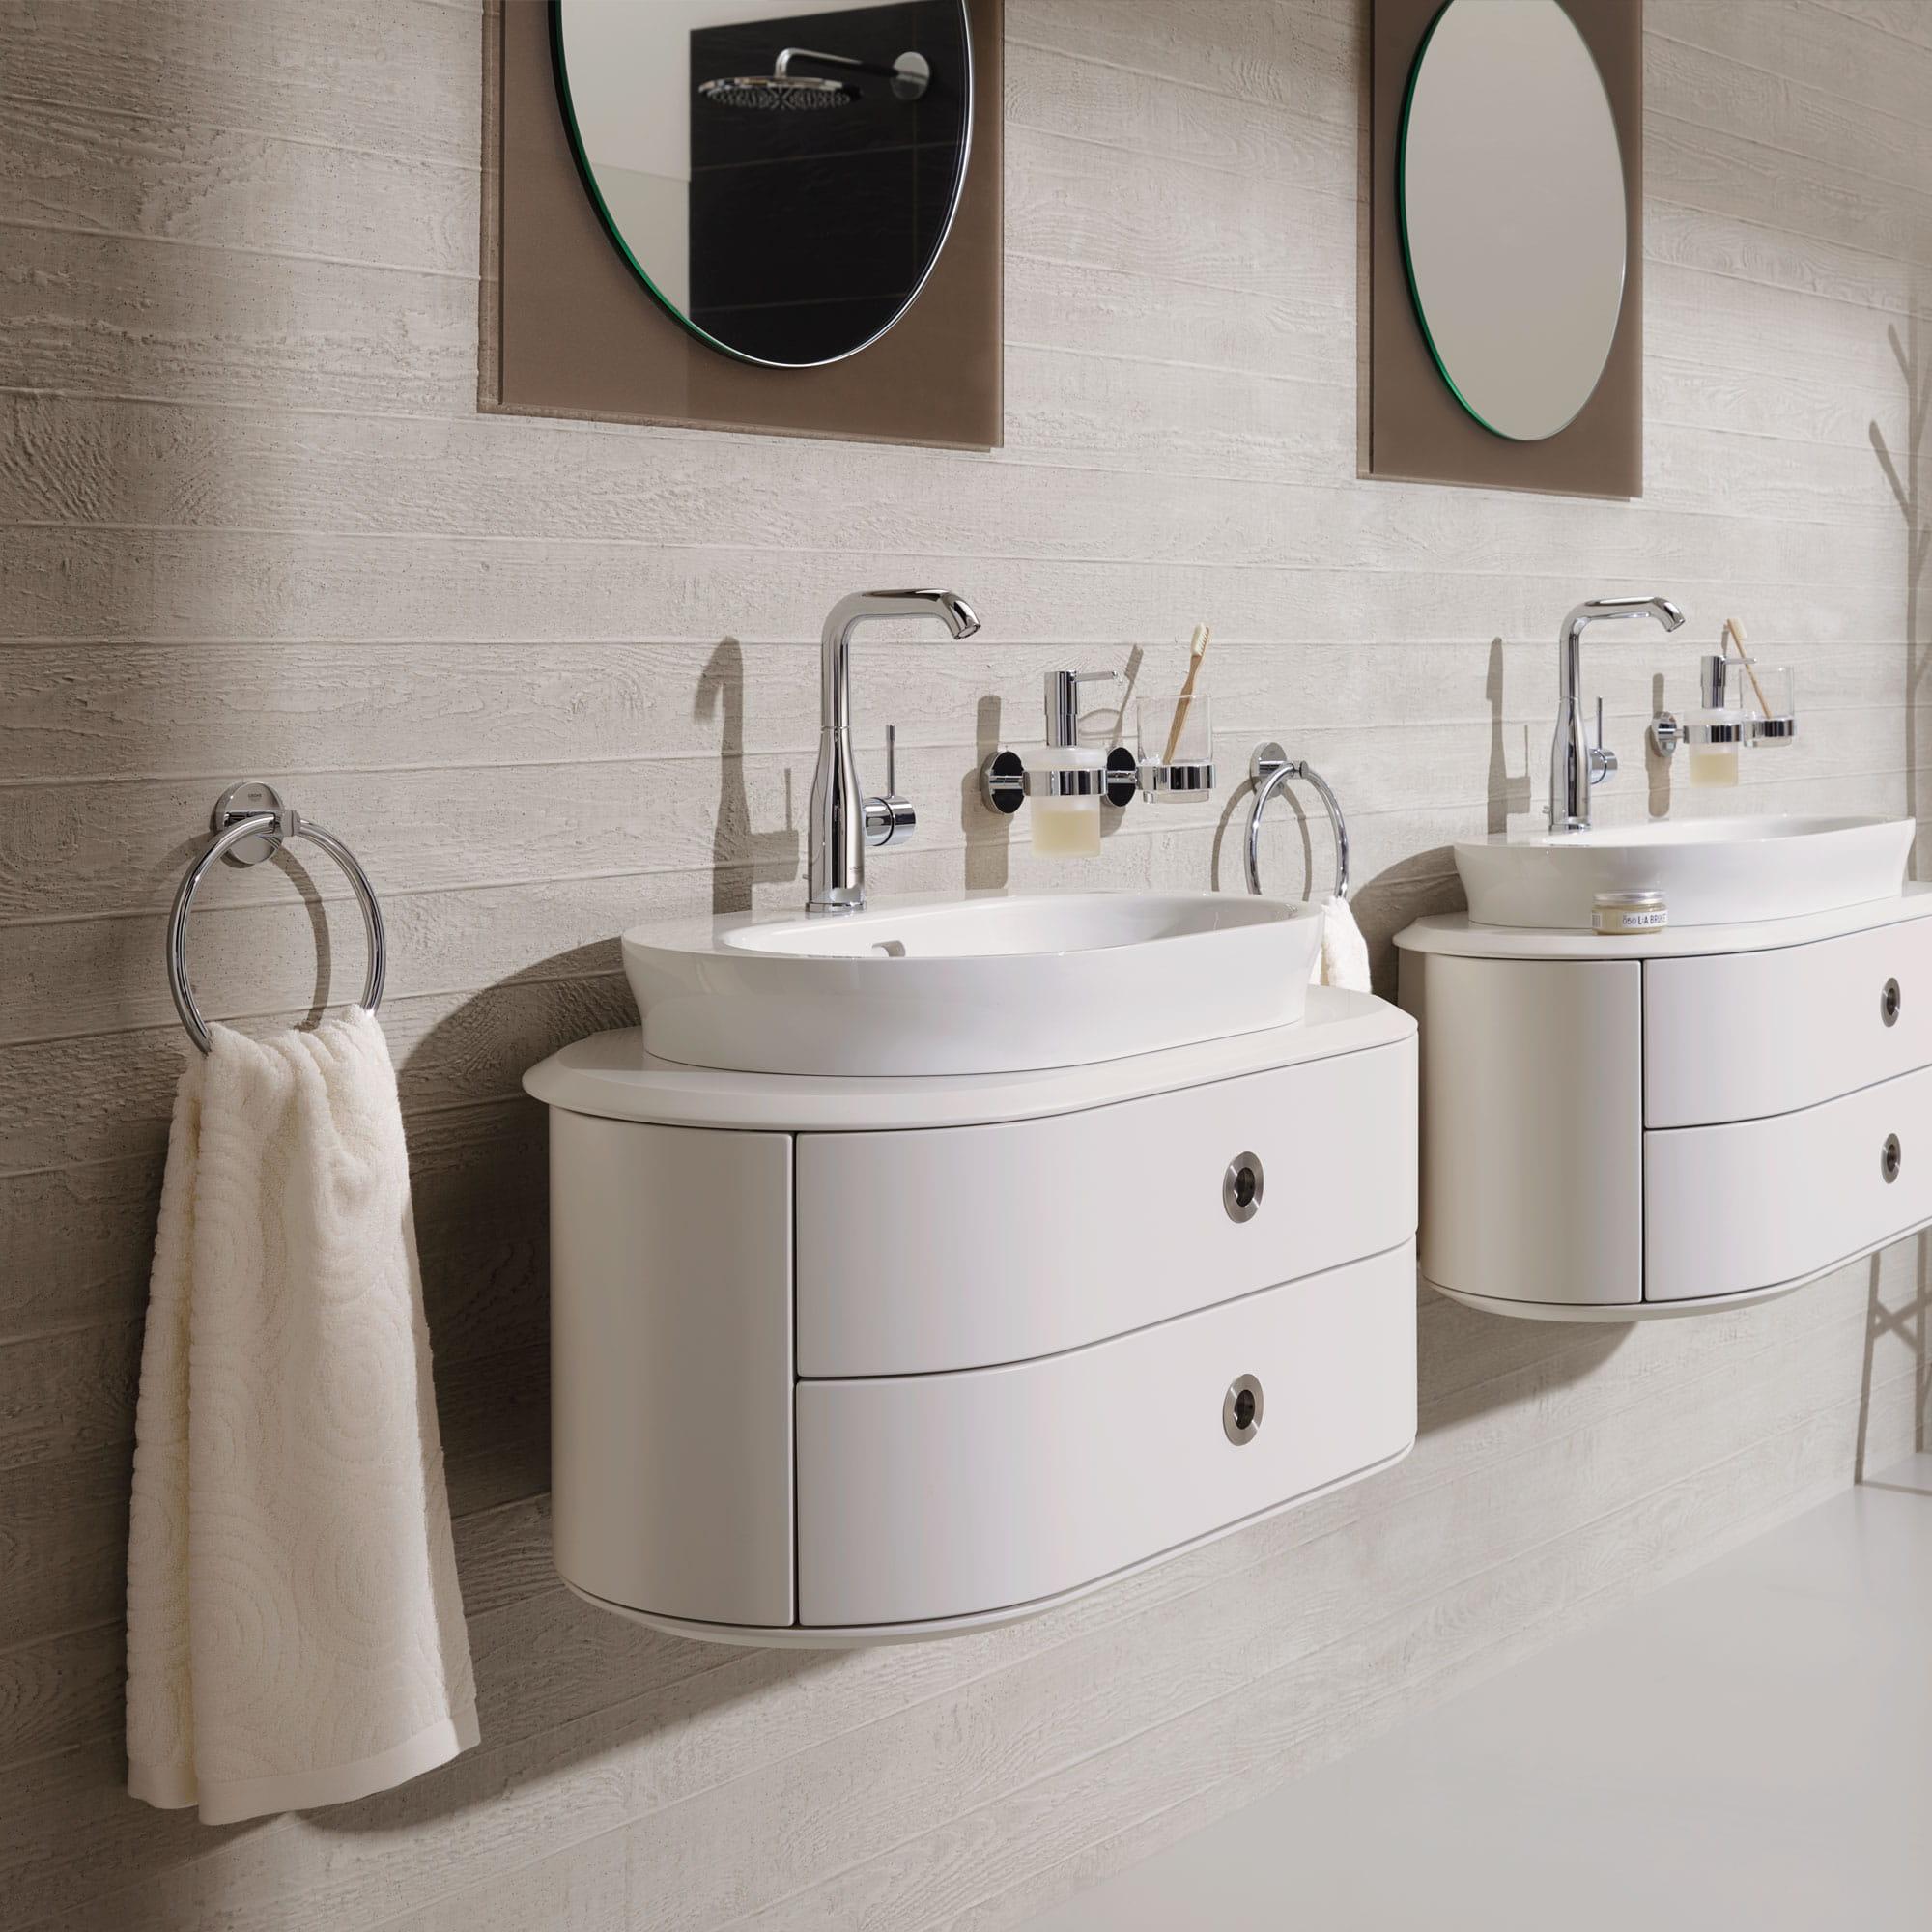 Essentials Bathroom Accessories